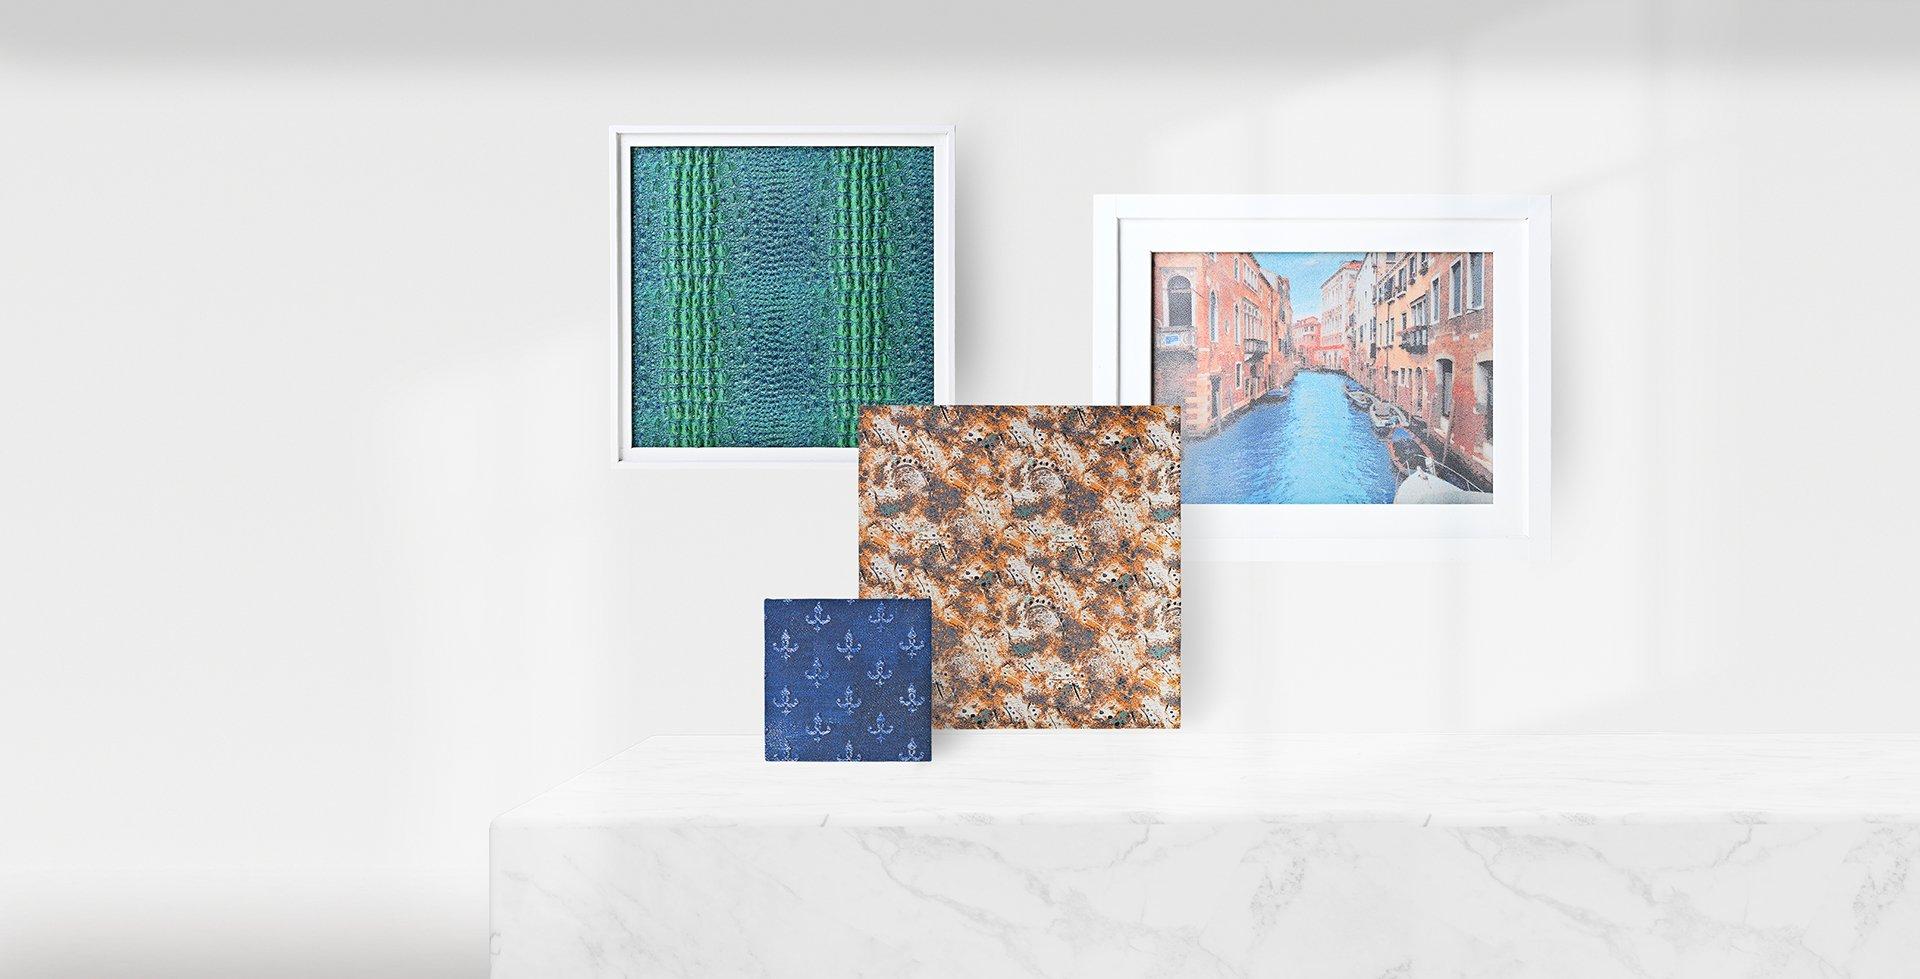 印象派︱壓紋緹花梭織布 Impressionism|Coated & Textured Jacquard Woven fabric